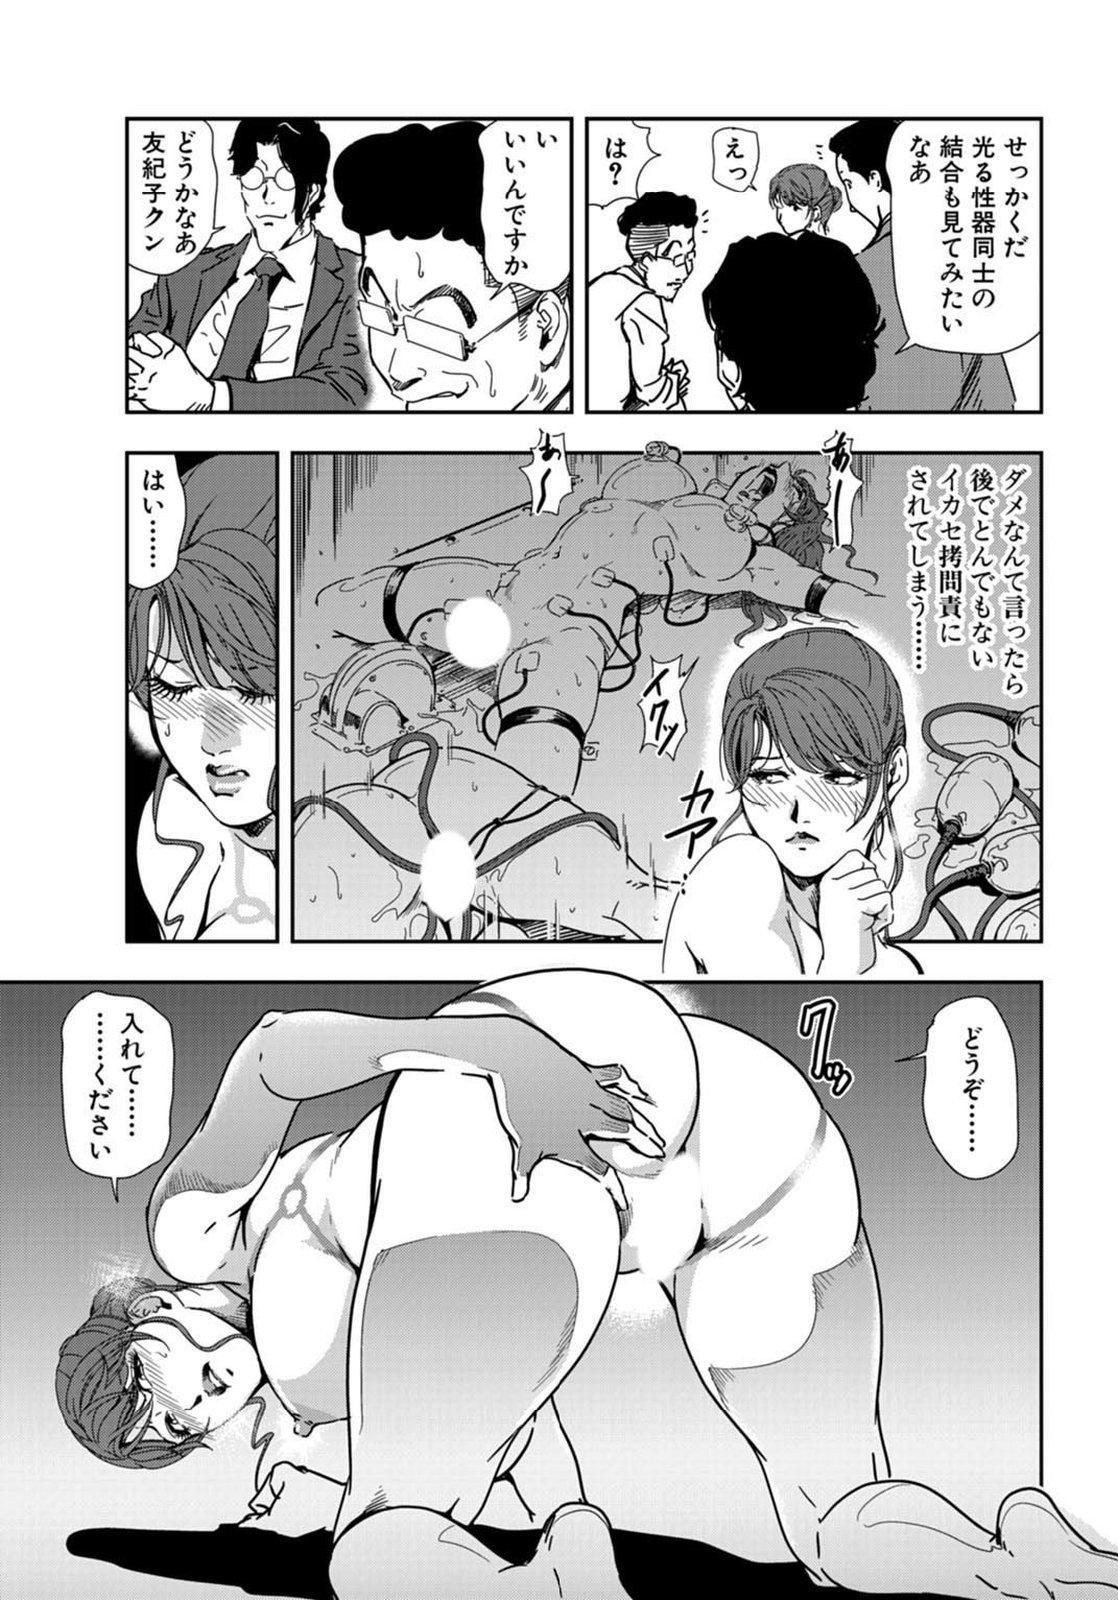 Nikuhisyo Yukiko 21 16